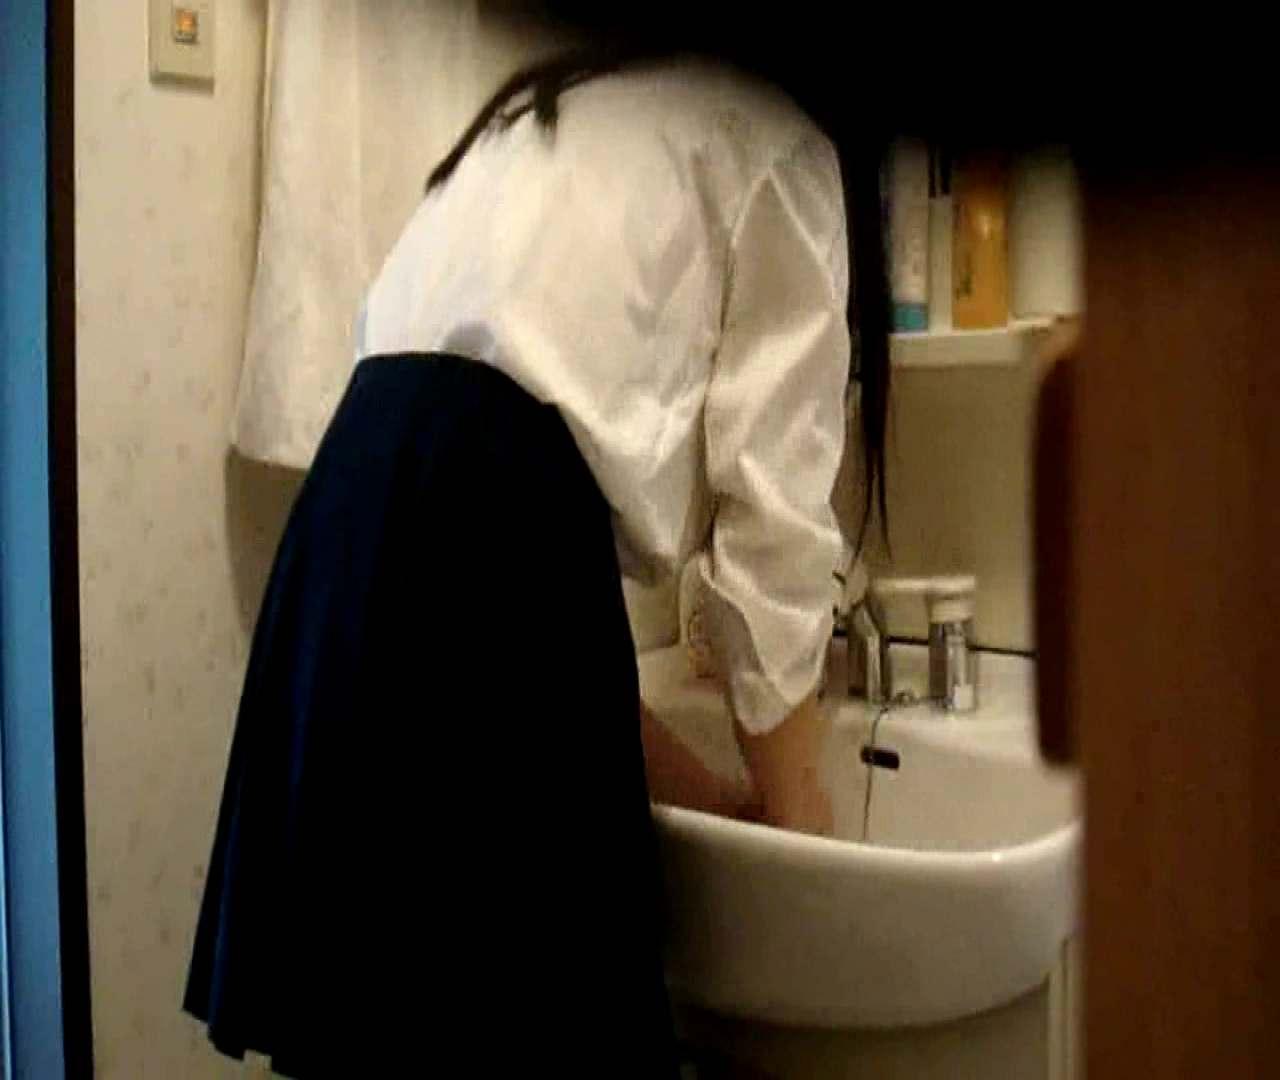 二人とも育てた甲斐がありました… vol.05 まどかが洗顔後にブラを洗濯 盗撮特集   おまんこ  86画像 7